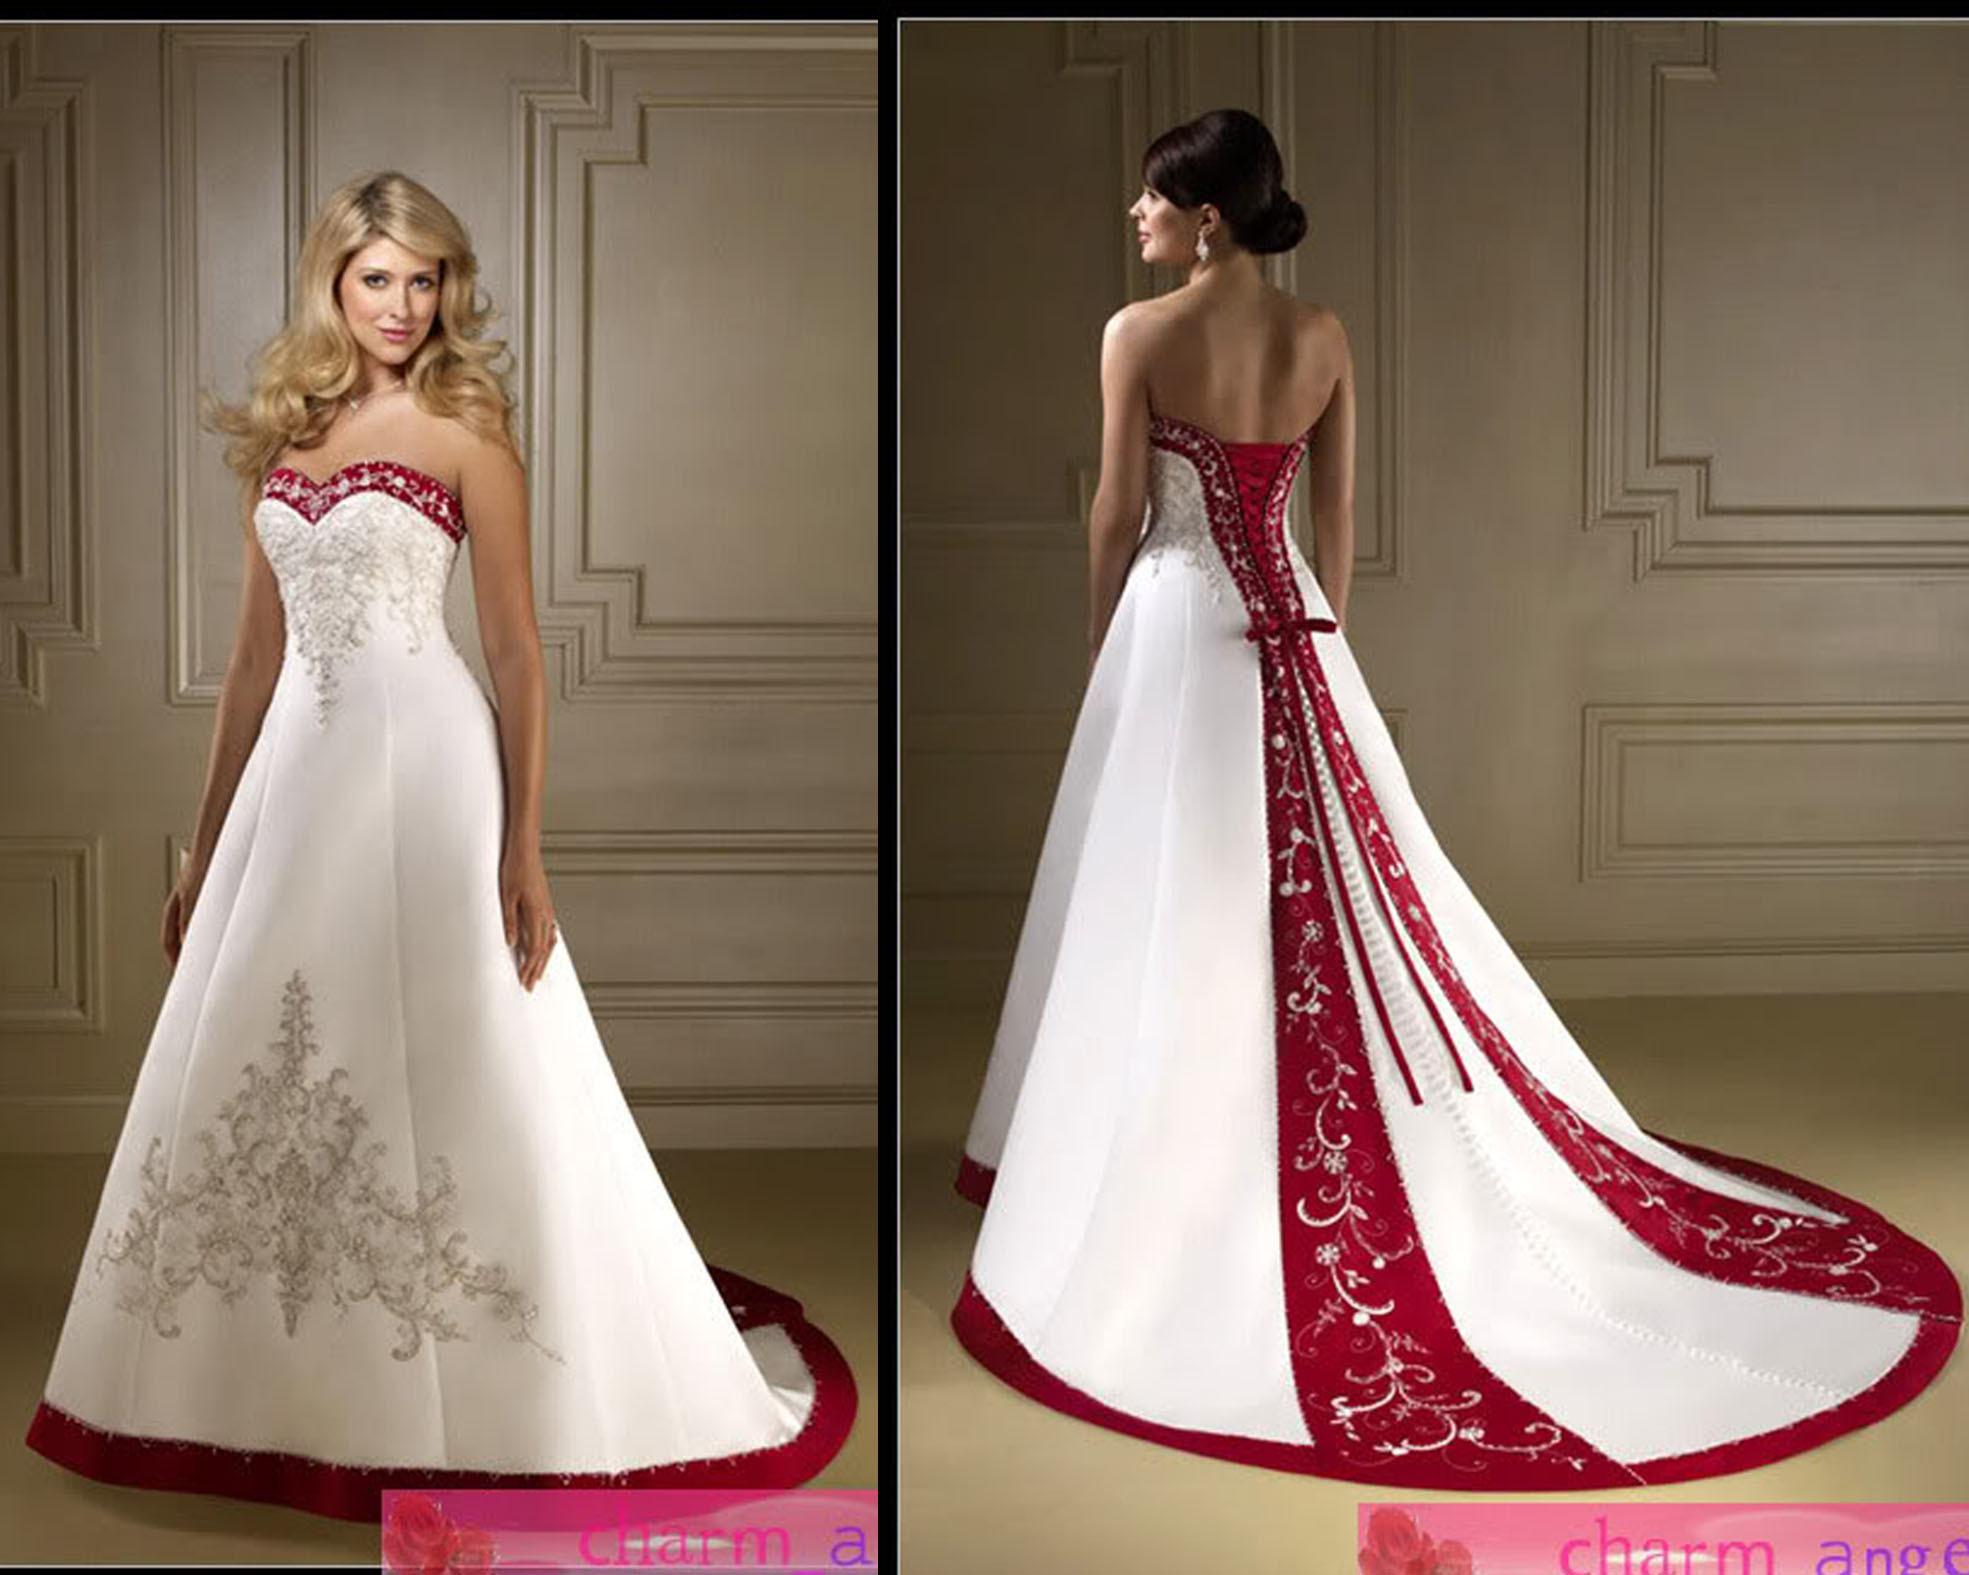 china wedding dresses photo - 1